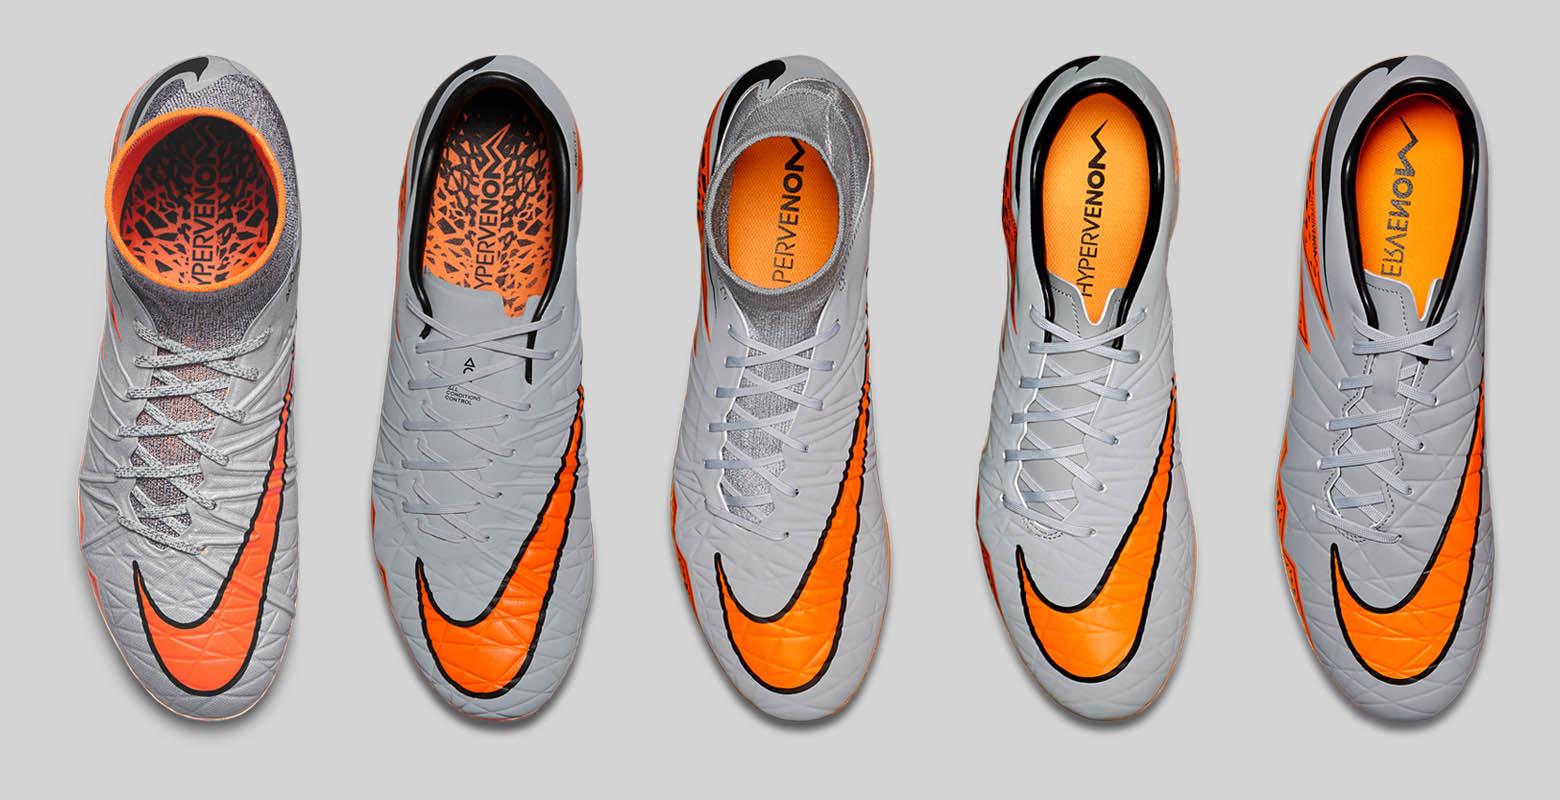 Kết quả hình ảnh cho Giày bóng đá nike hypervenom phantom ii 2016 – 2017